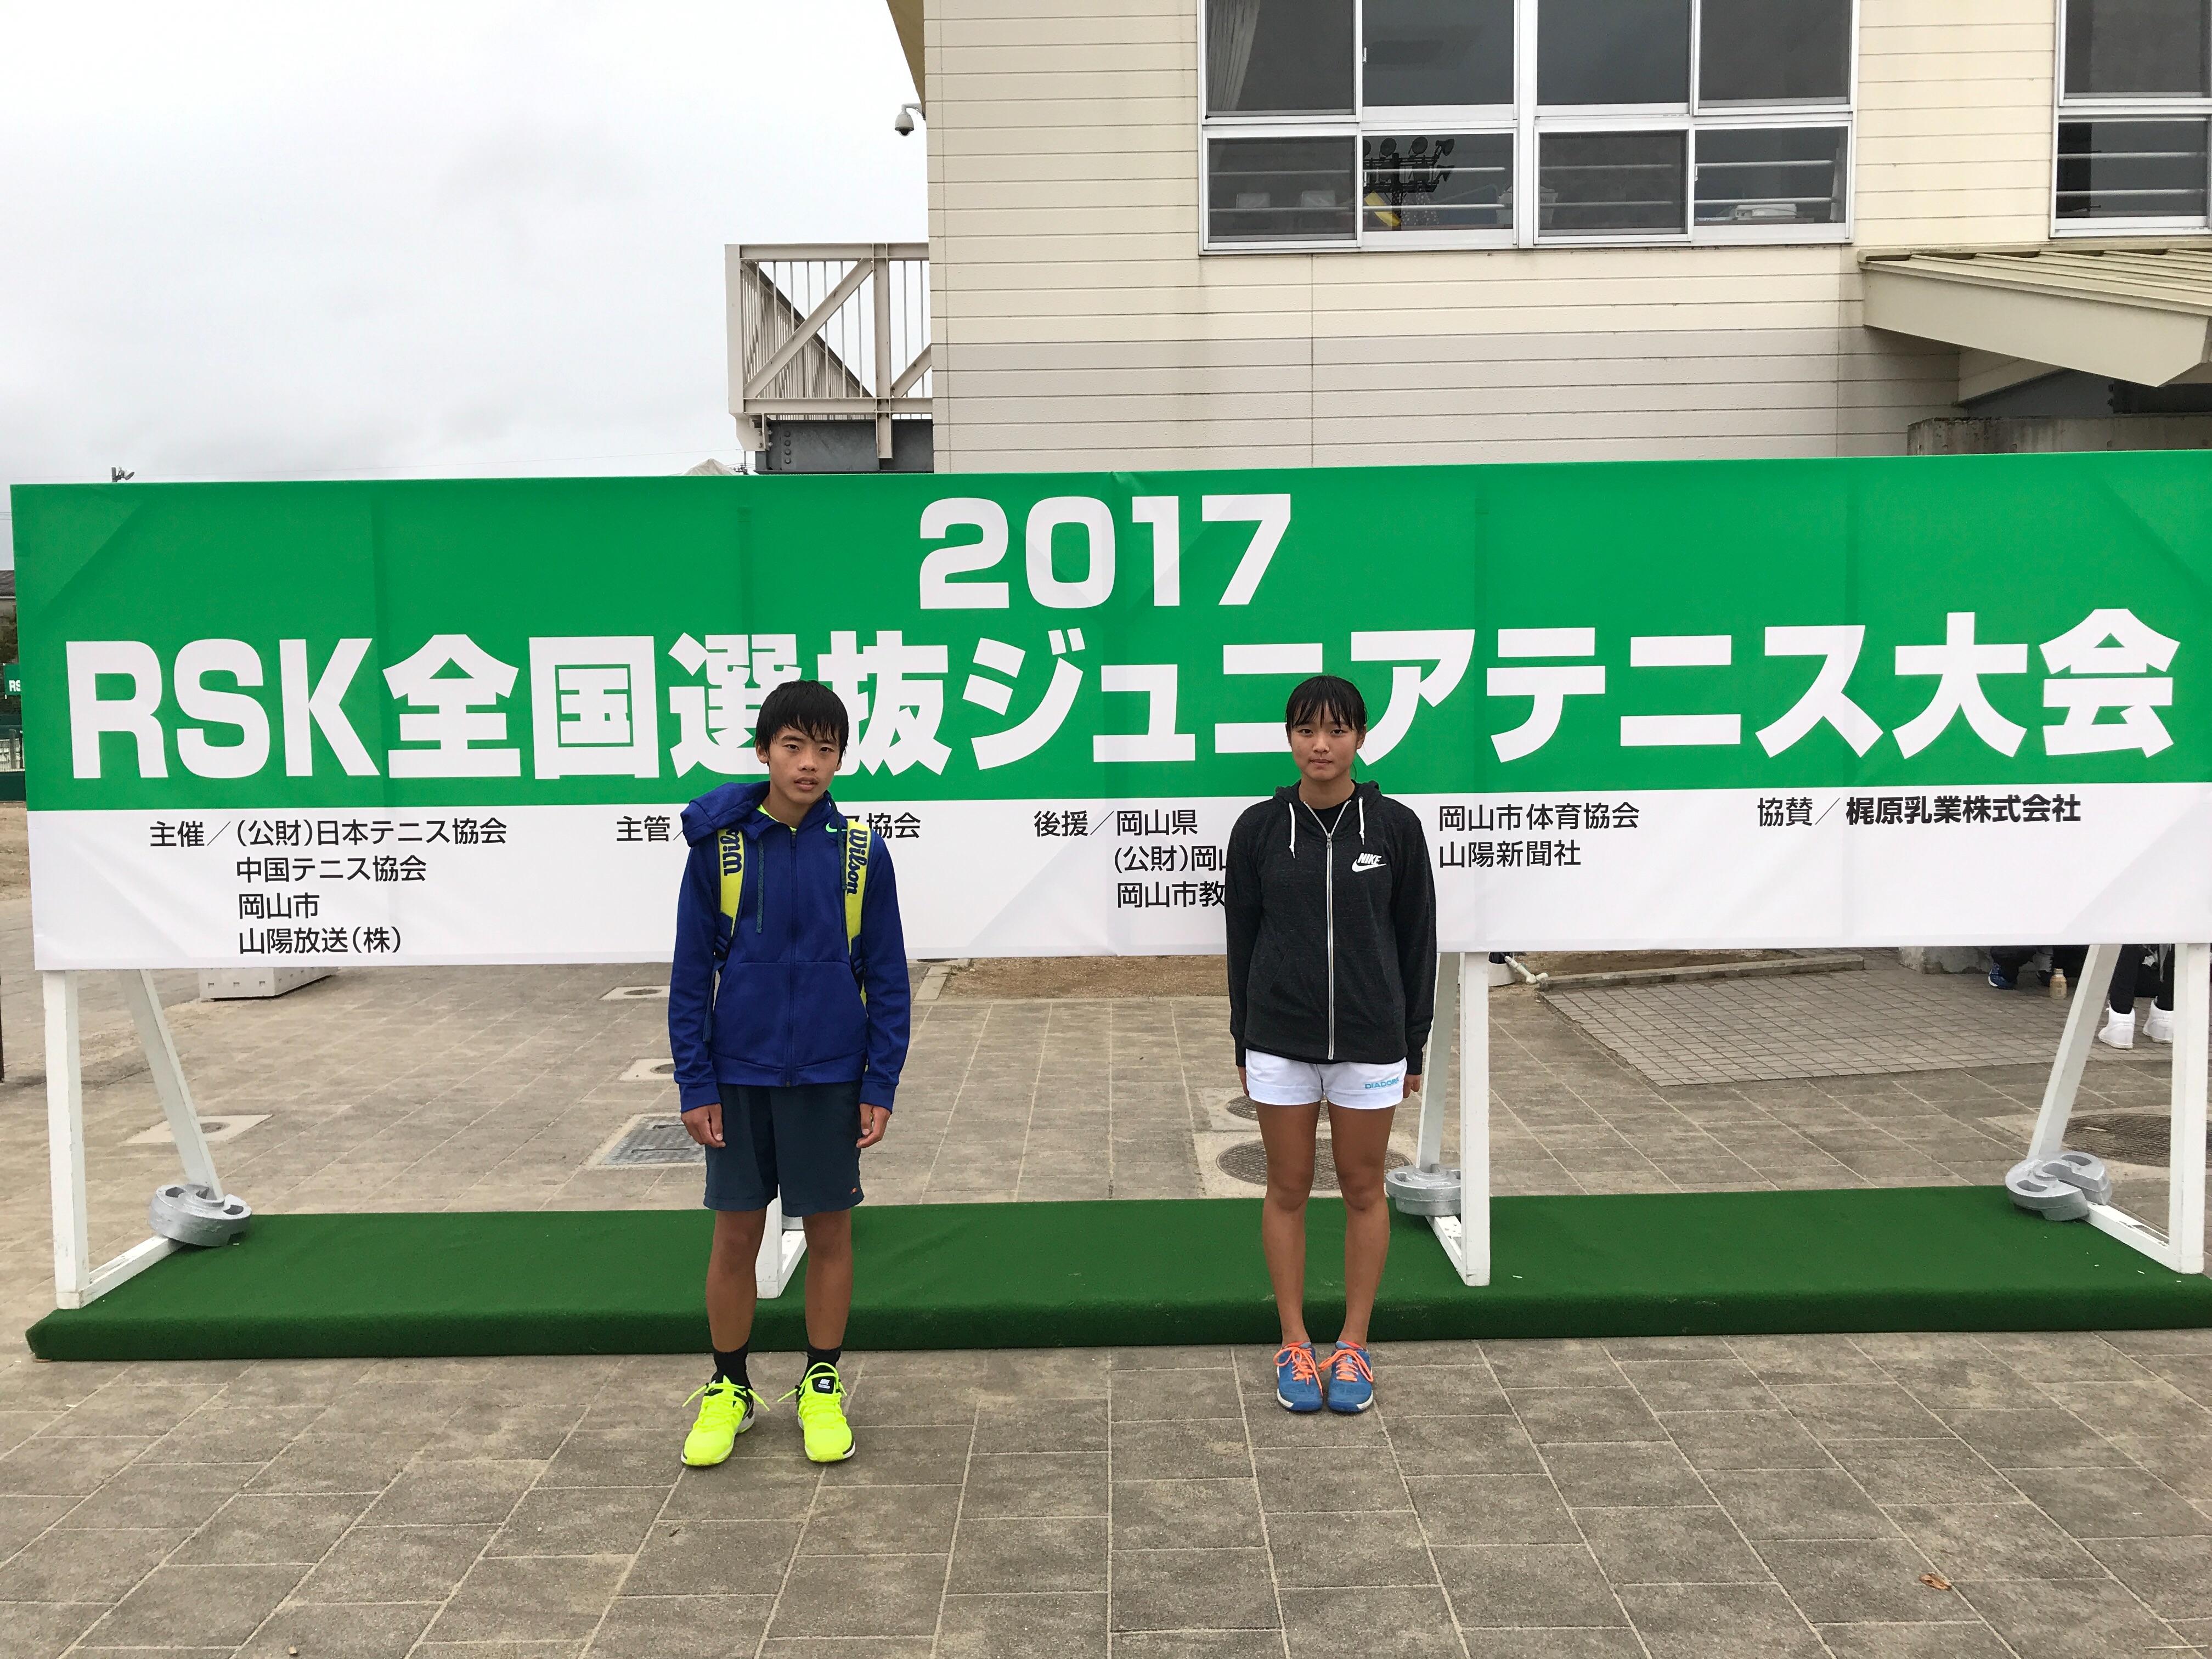 f:id:mizohatayuya:20171016112037j:image